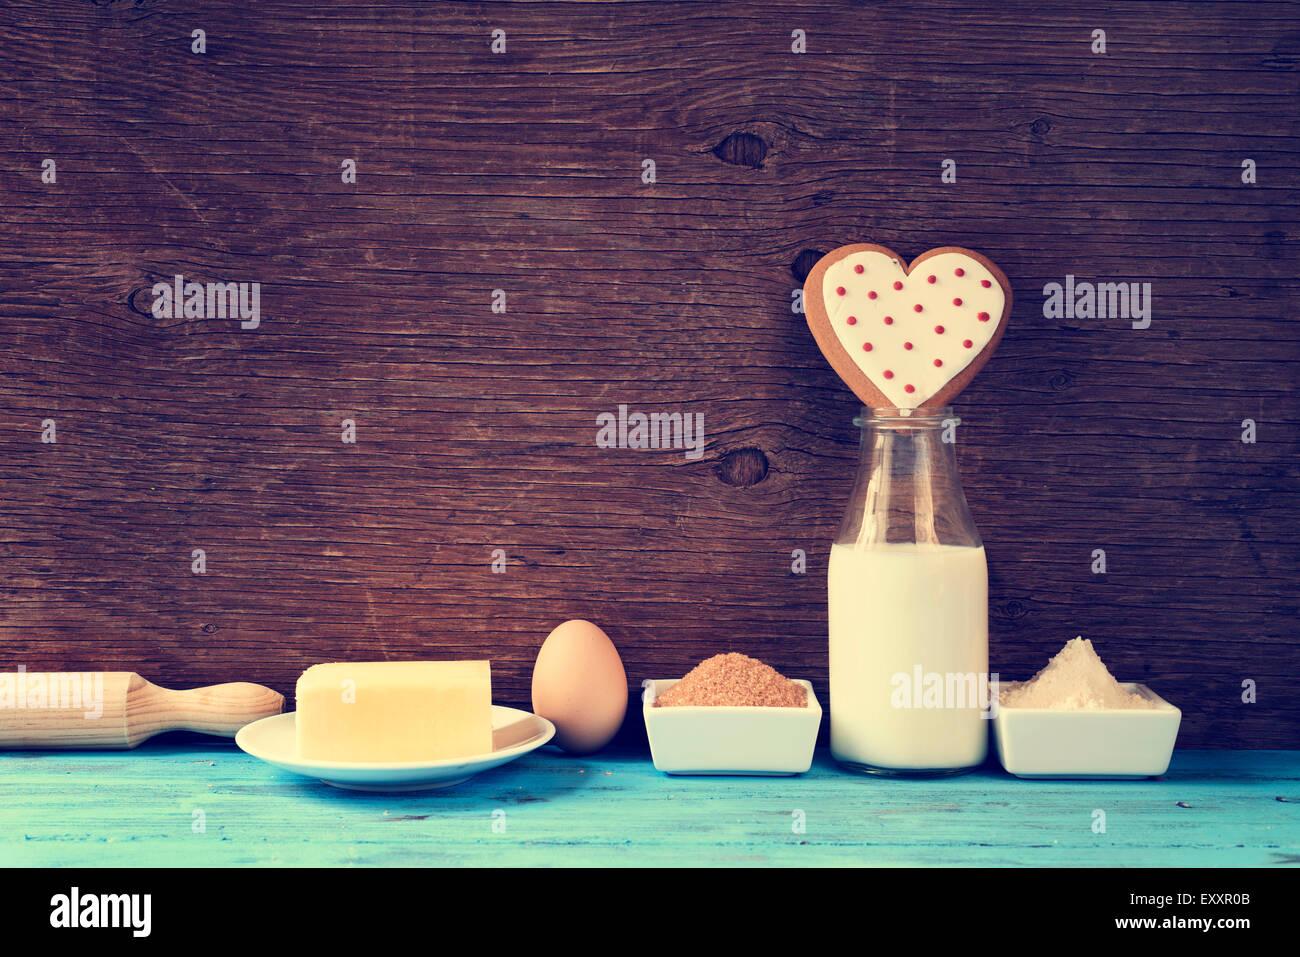 A heart-shaped cookie e gli ingredienti per cucinare, come ad esempio il latte, le uova, la farina e il burro e Immagini Stock